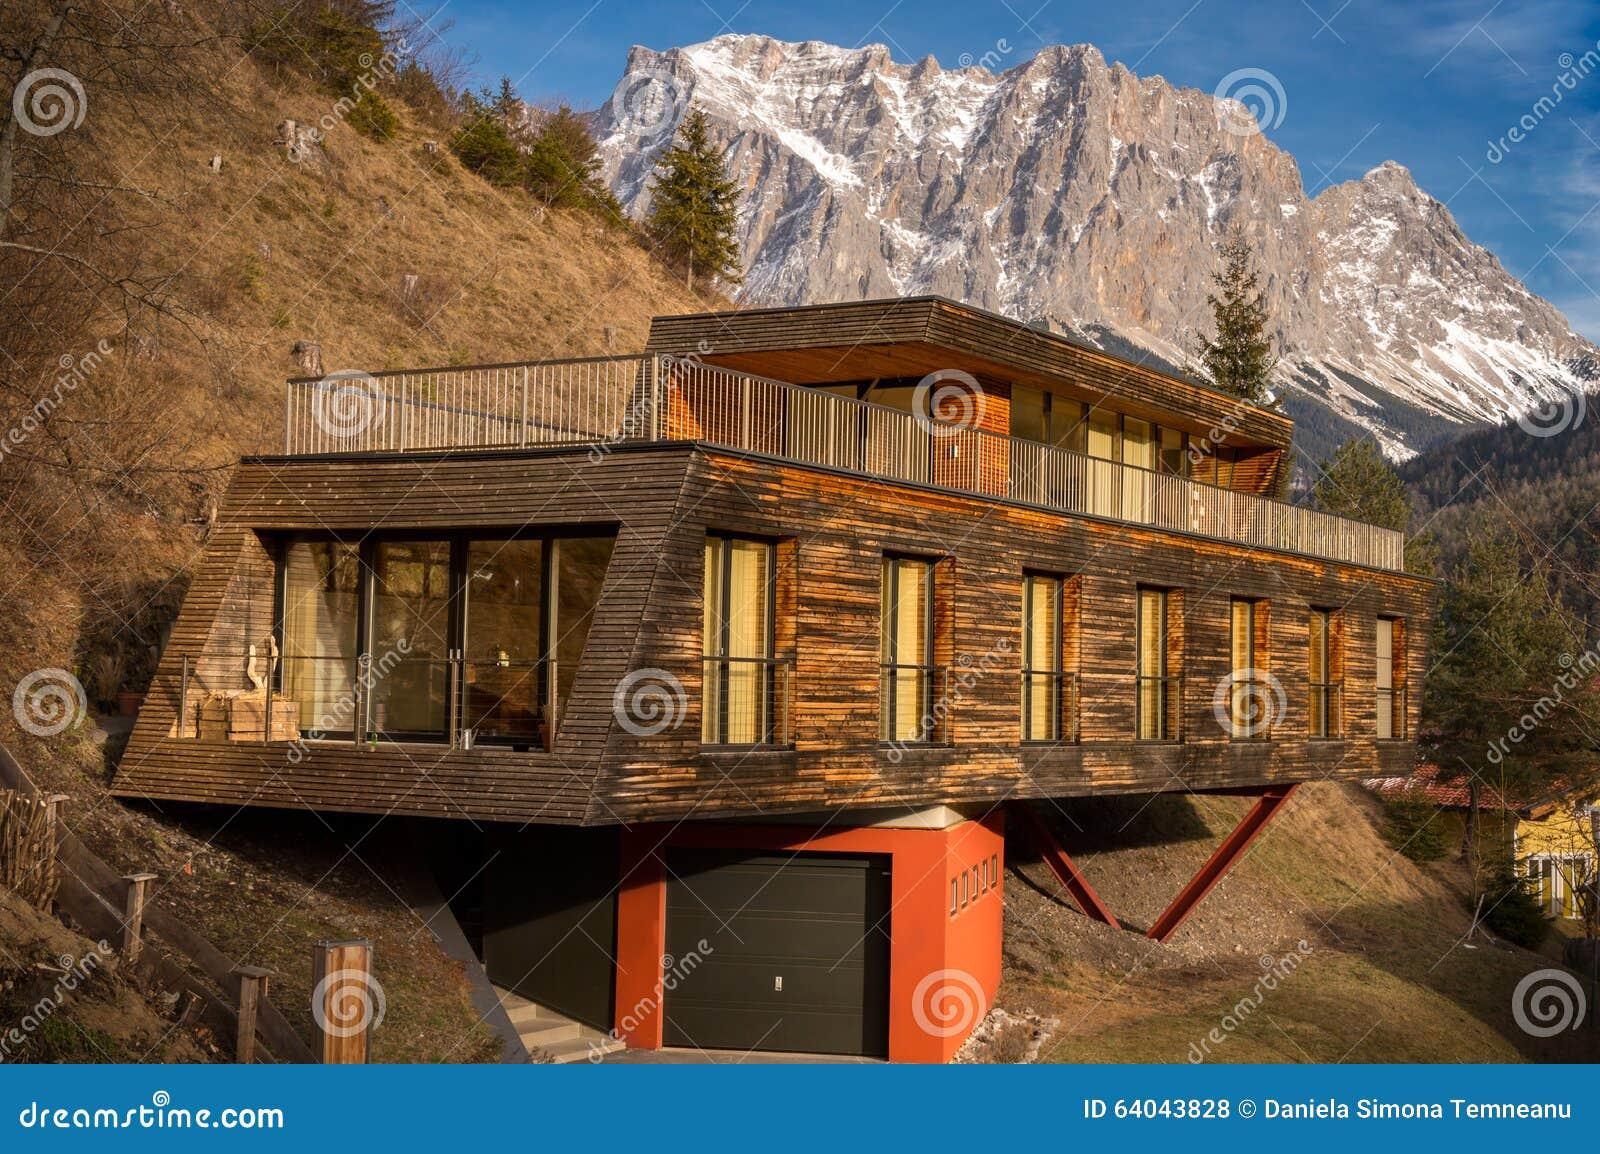 Maison de montagne avec l 39 architecture moderne photo stock - Case di montagna moderne ...